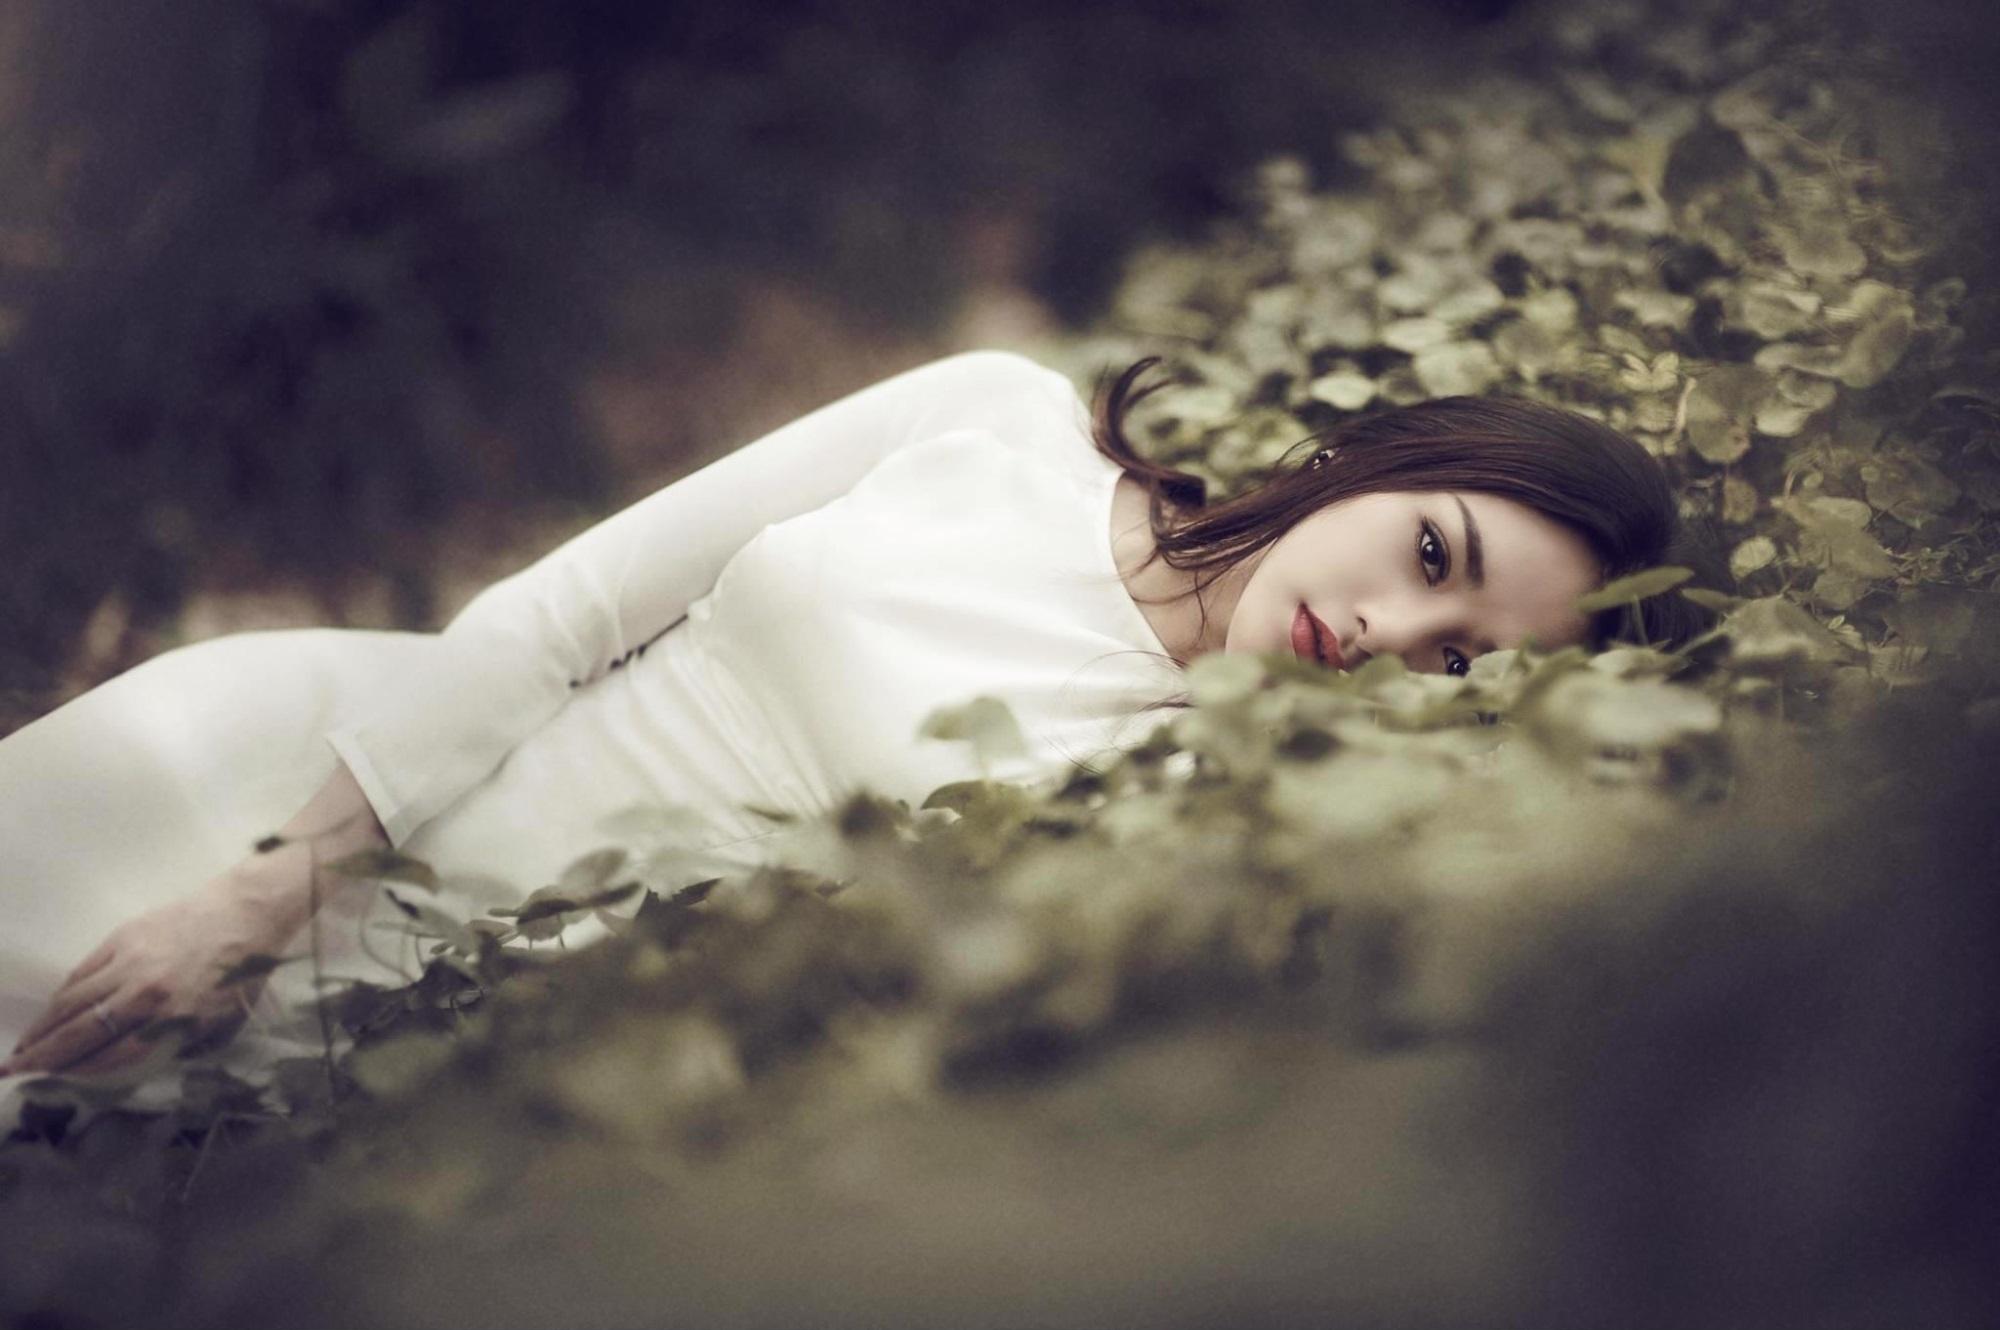 Đàn bà kiệt sức trong hôn nhân: Miệng cười tươi nhưng lòng đầy bão giông - Ảnh 4